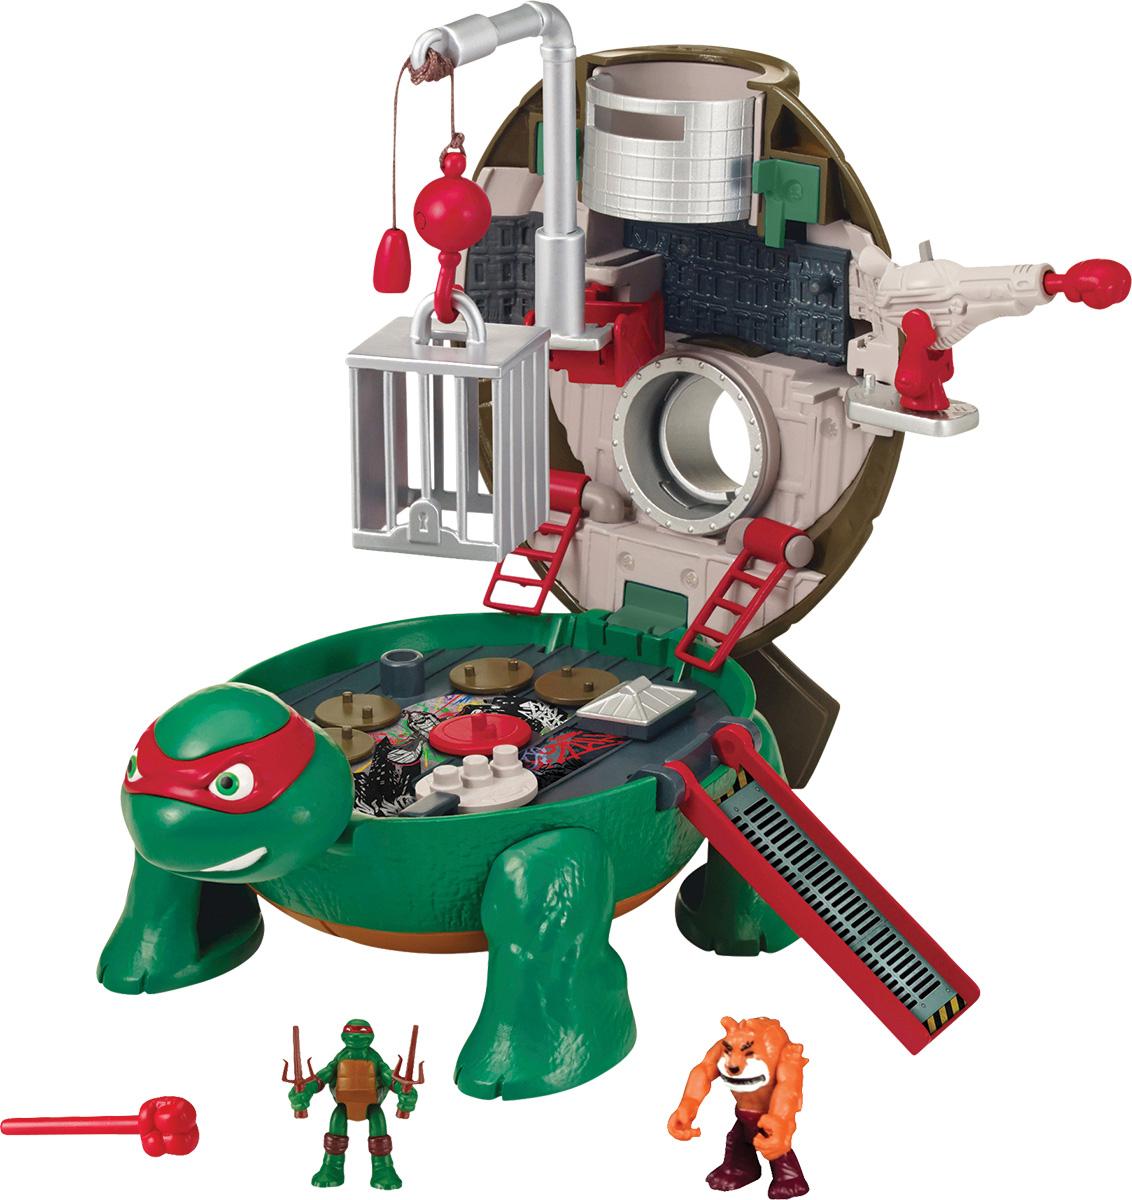 Черепашки Ниндзя Игровой набор Рафаэль на крыше игрушка мотодельтаплан черепашки ниндзя без фигурки